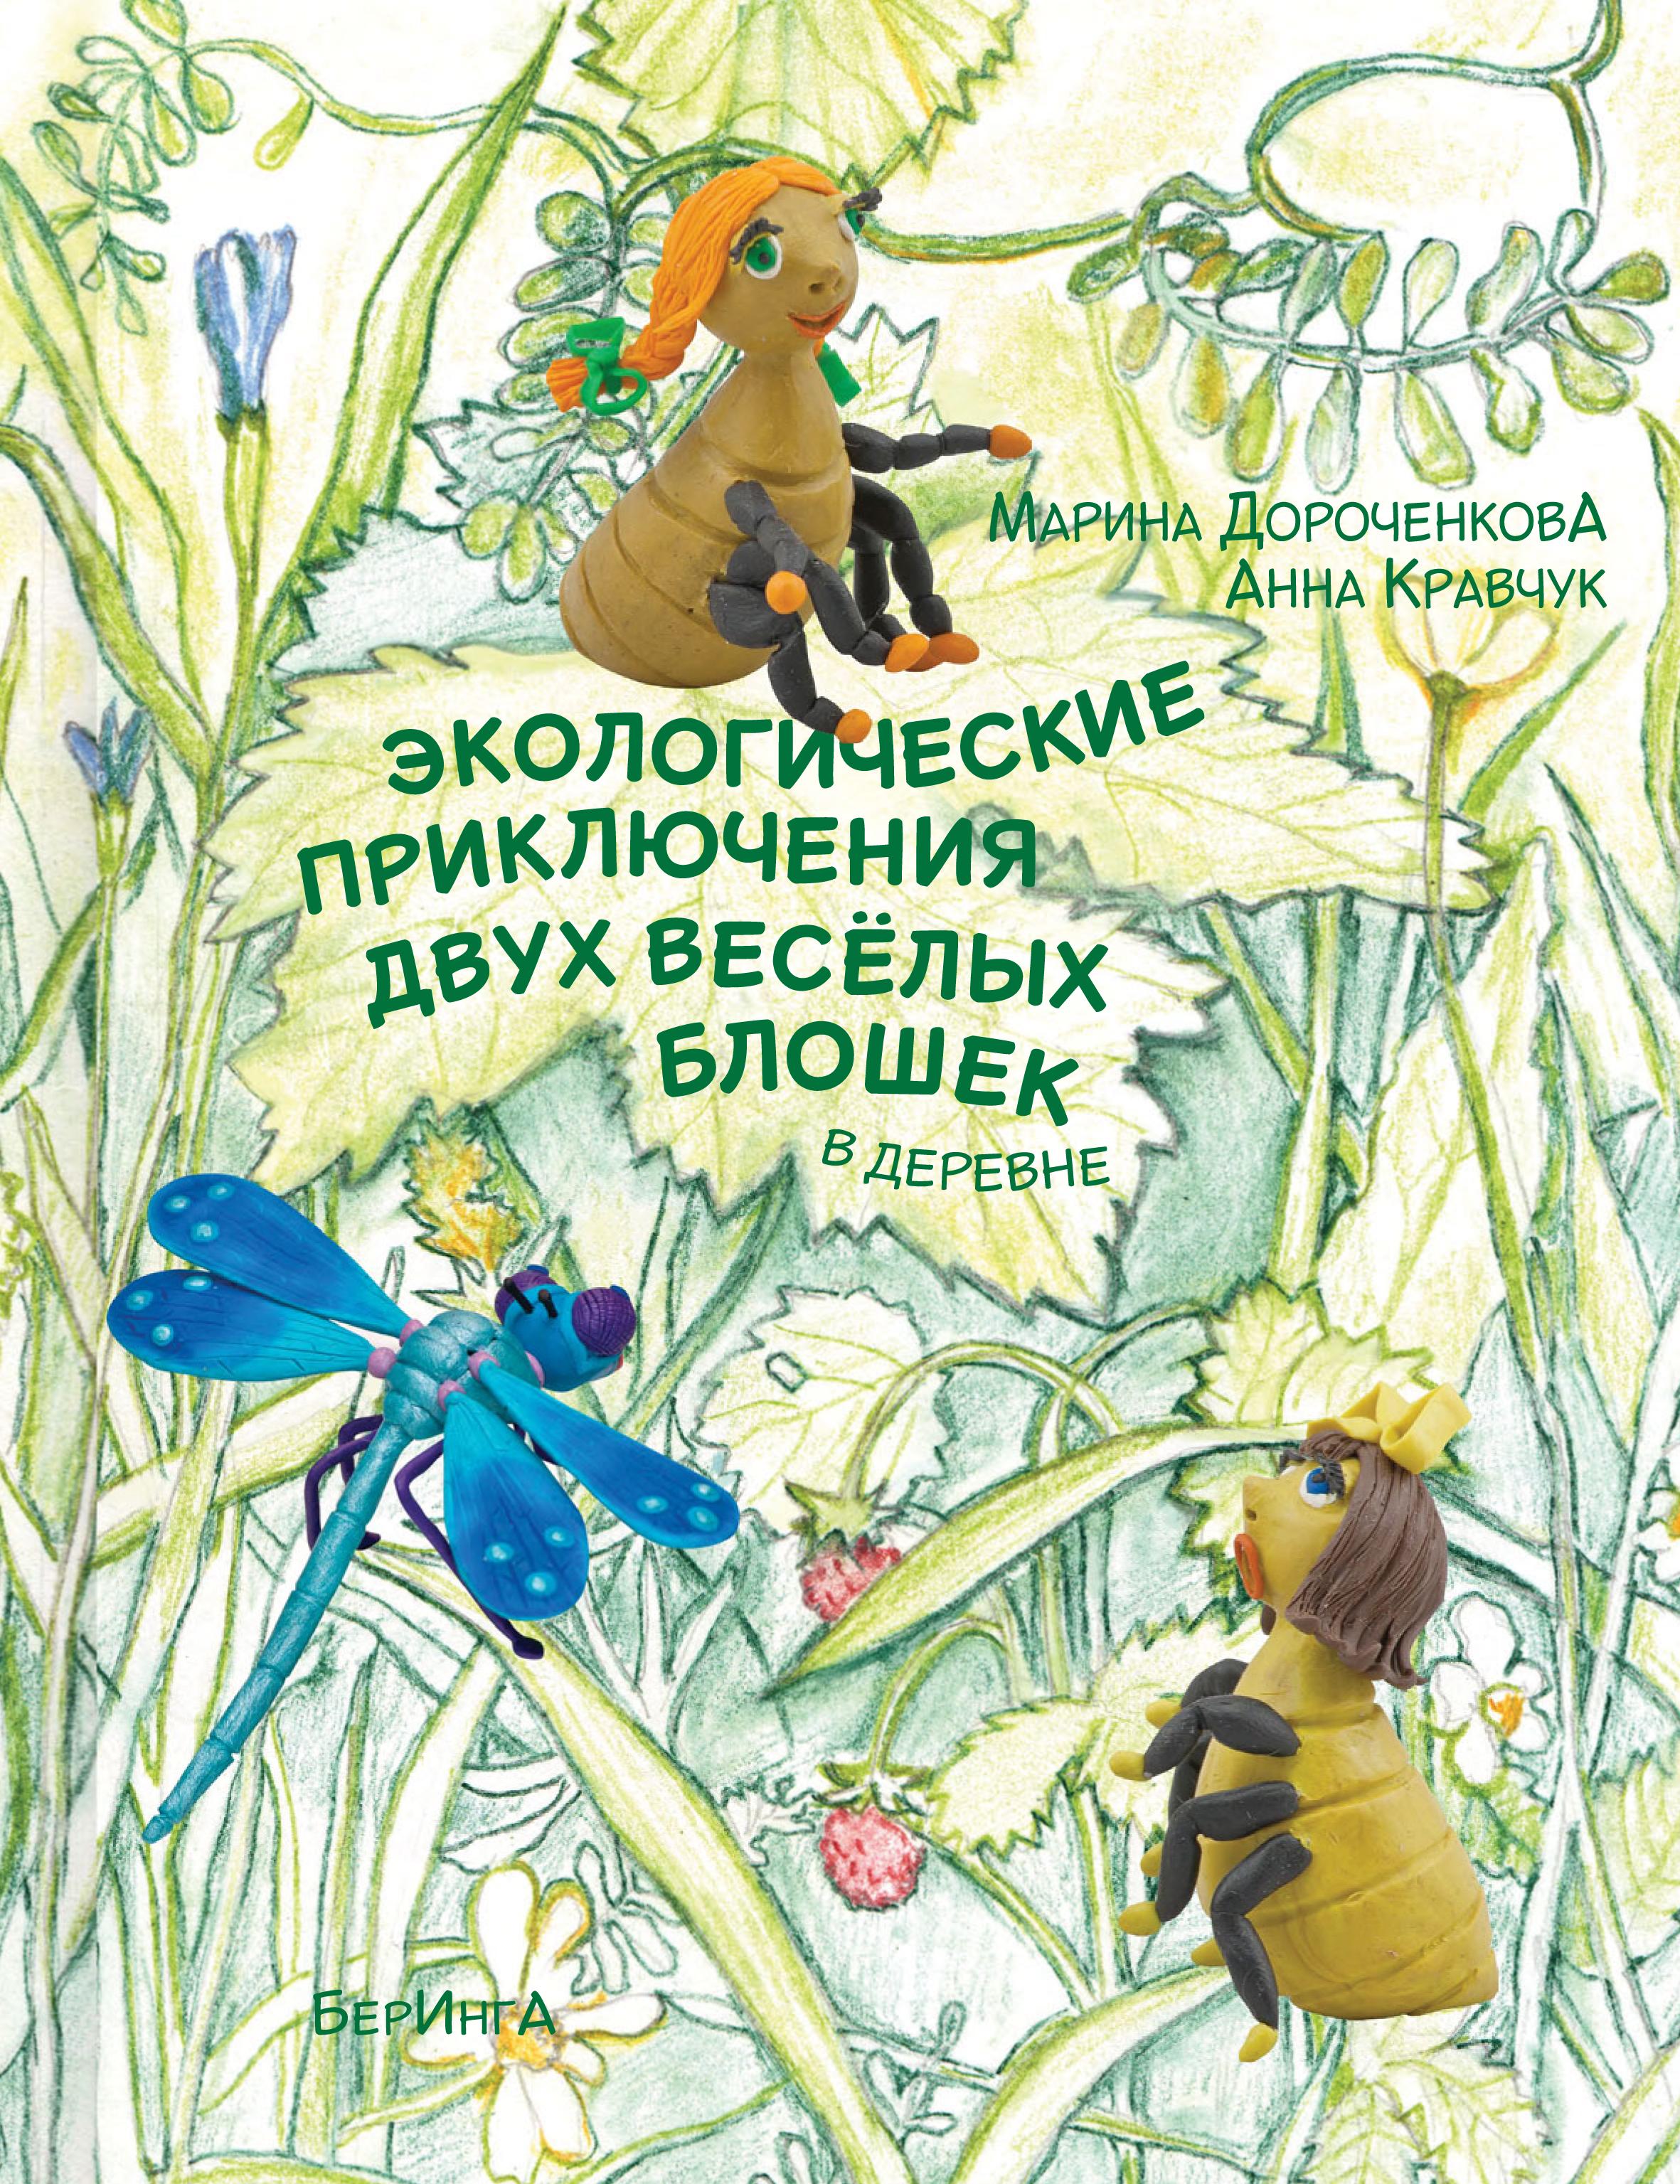 Марина Дороченкова Экологические приключения двух веселых блошек в деревне цена в Москве и Питере